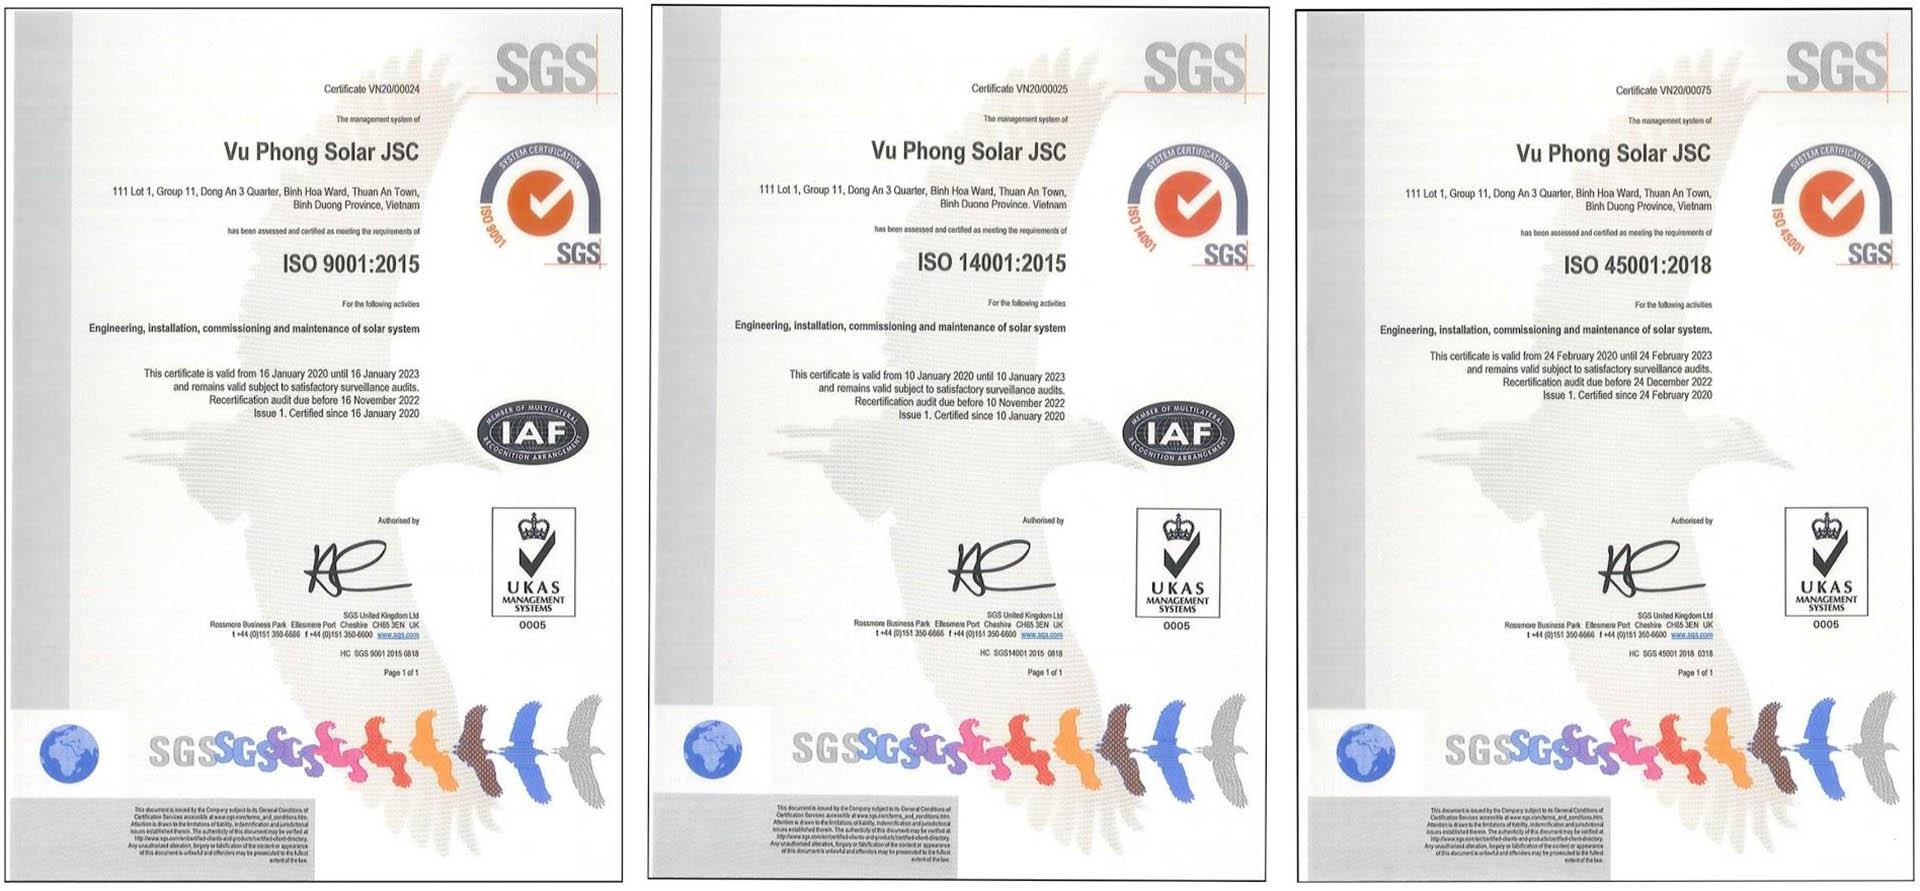 Các chứng nhận ISO của Vũ Phong Solar